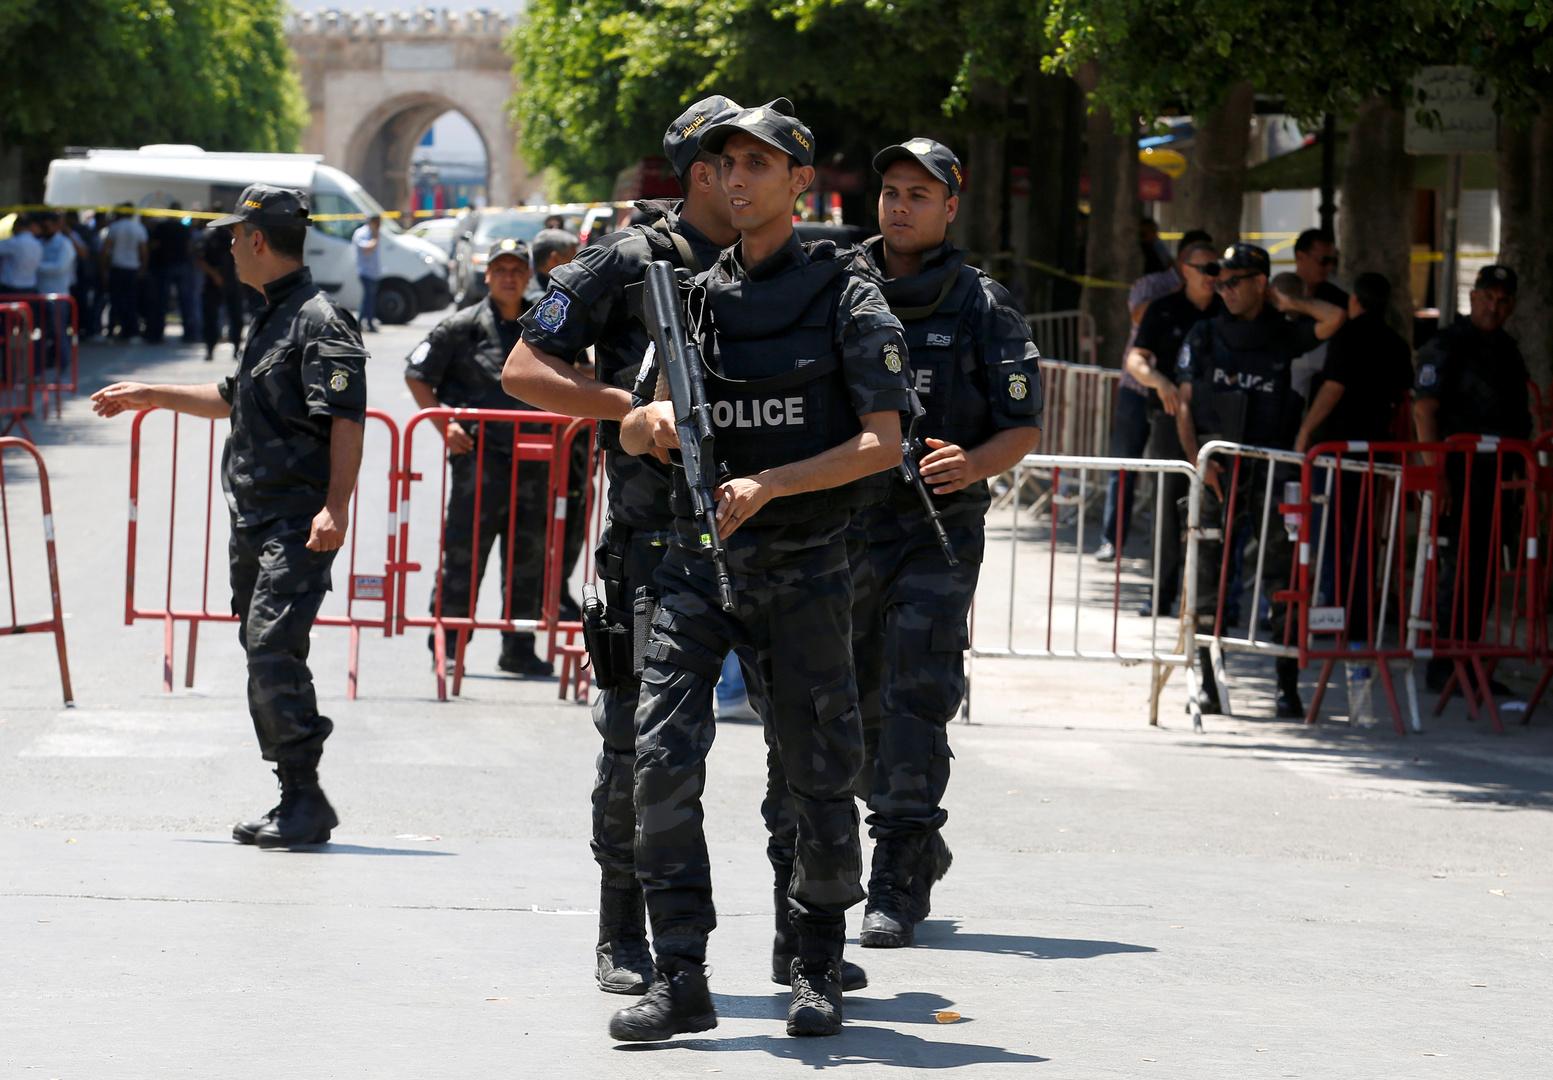 اعتقال 4 أشخاص في تونس من بينهم إمام بشبهة الإرهاب